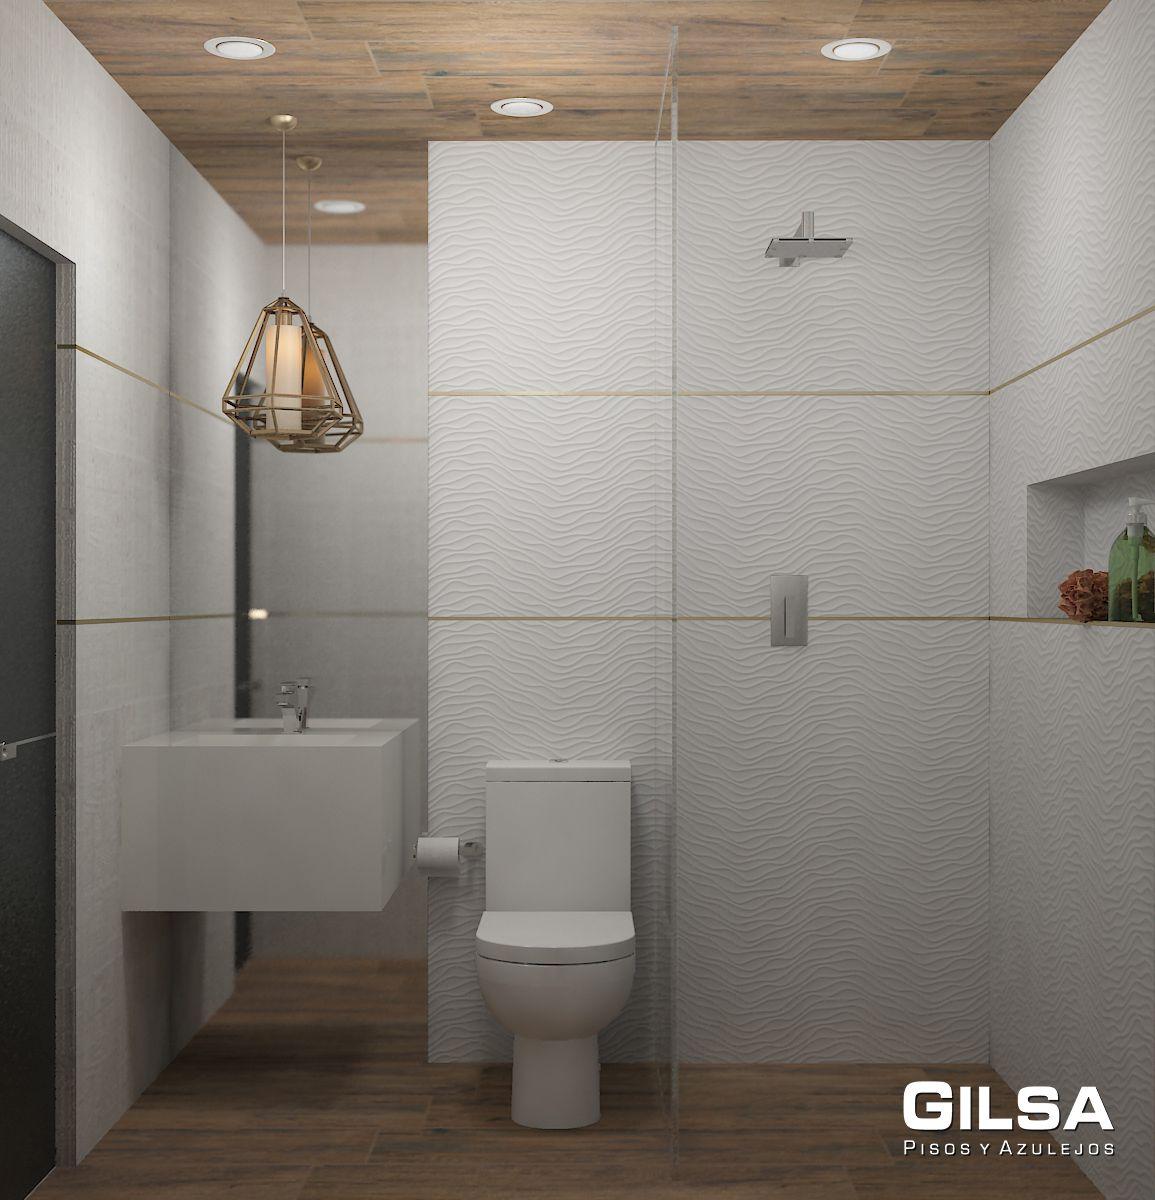 Cuarto de baño de estilo clásico. Materiales utilizados: (En Muro ...